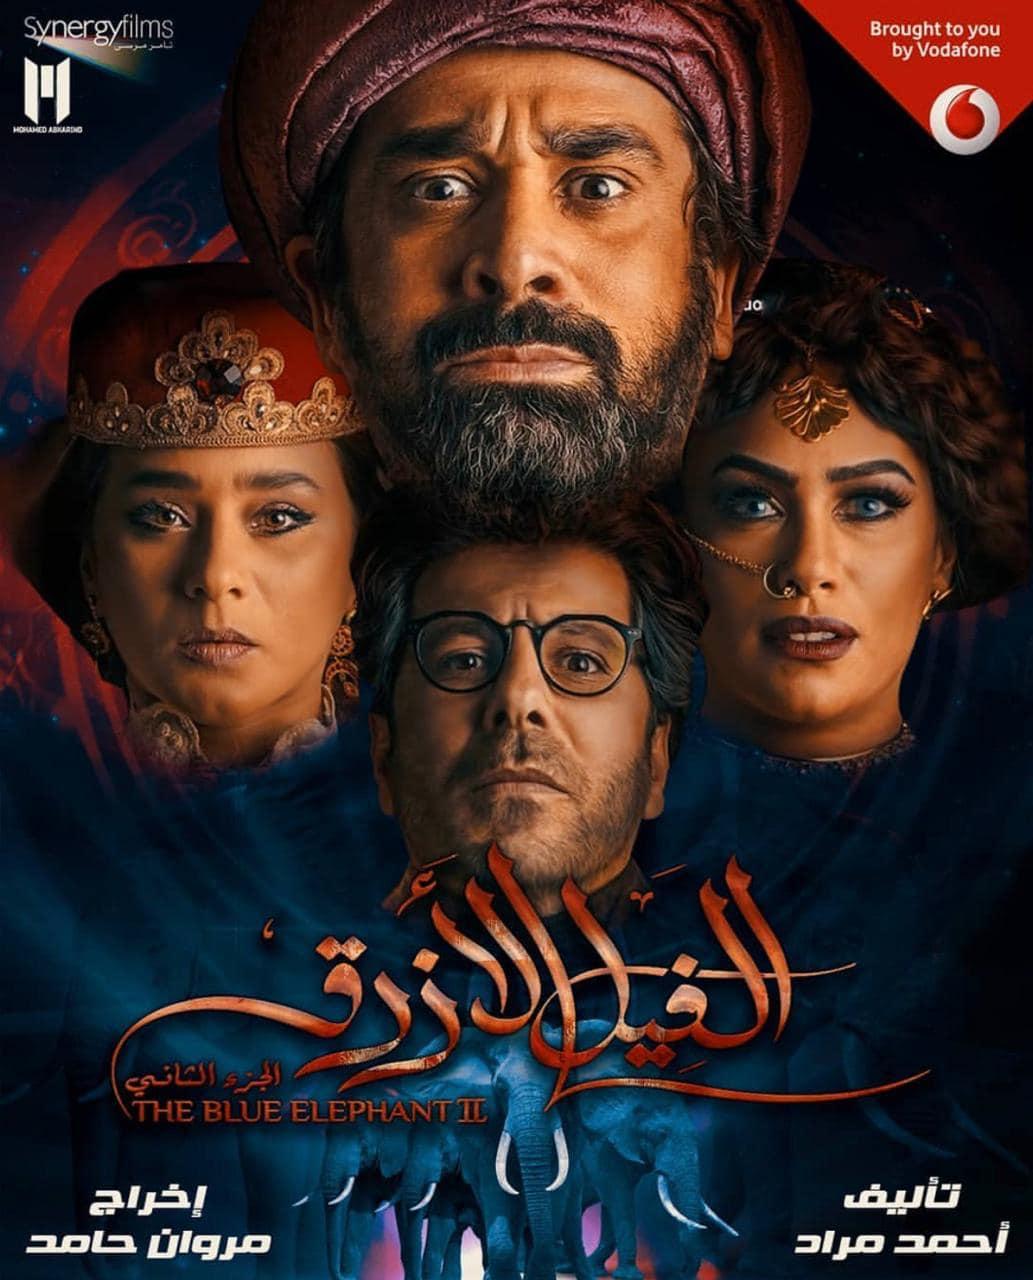 الفيل الأزرق 2 يدخل أعلى الأفلام حصدا للإيرادات بالسينما المصرية